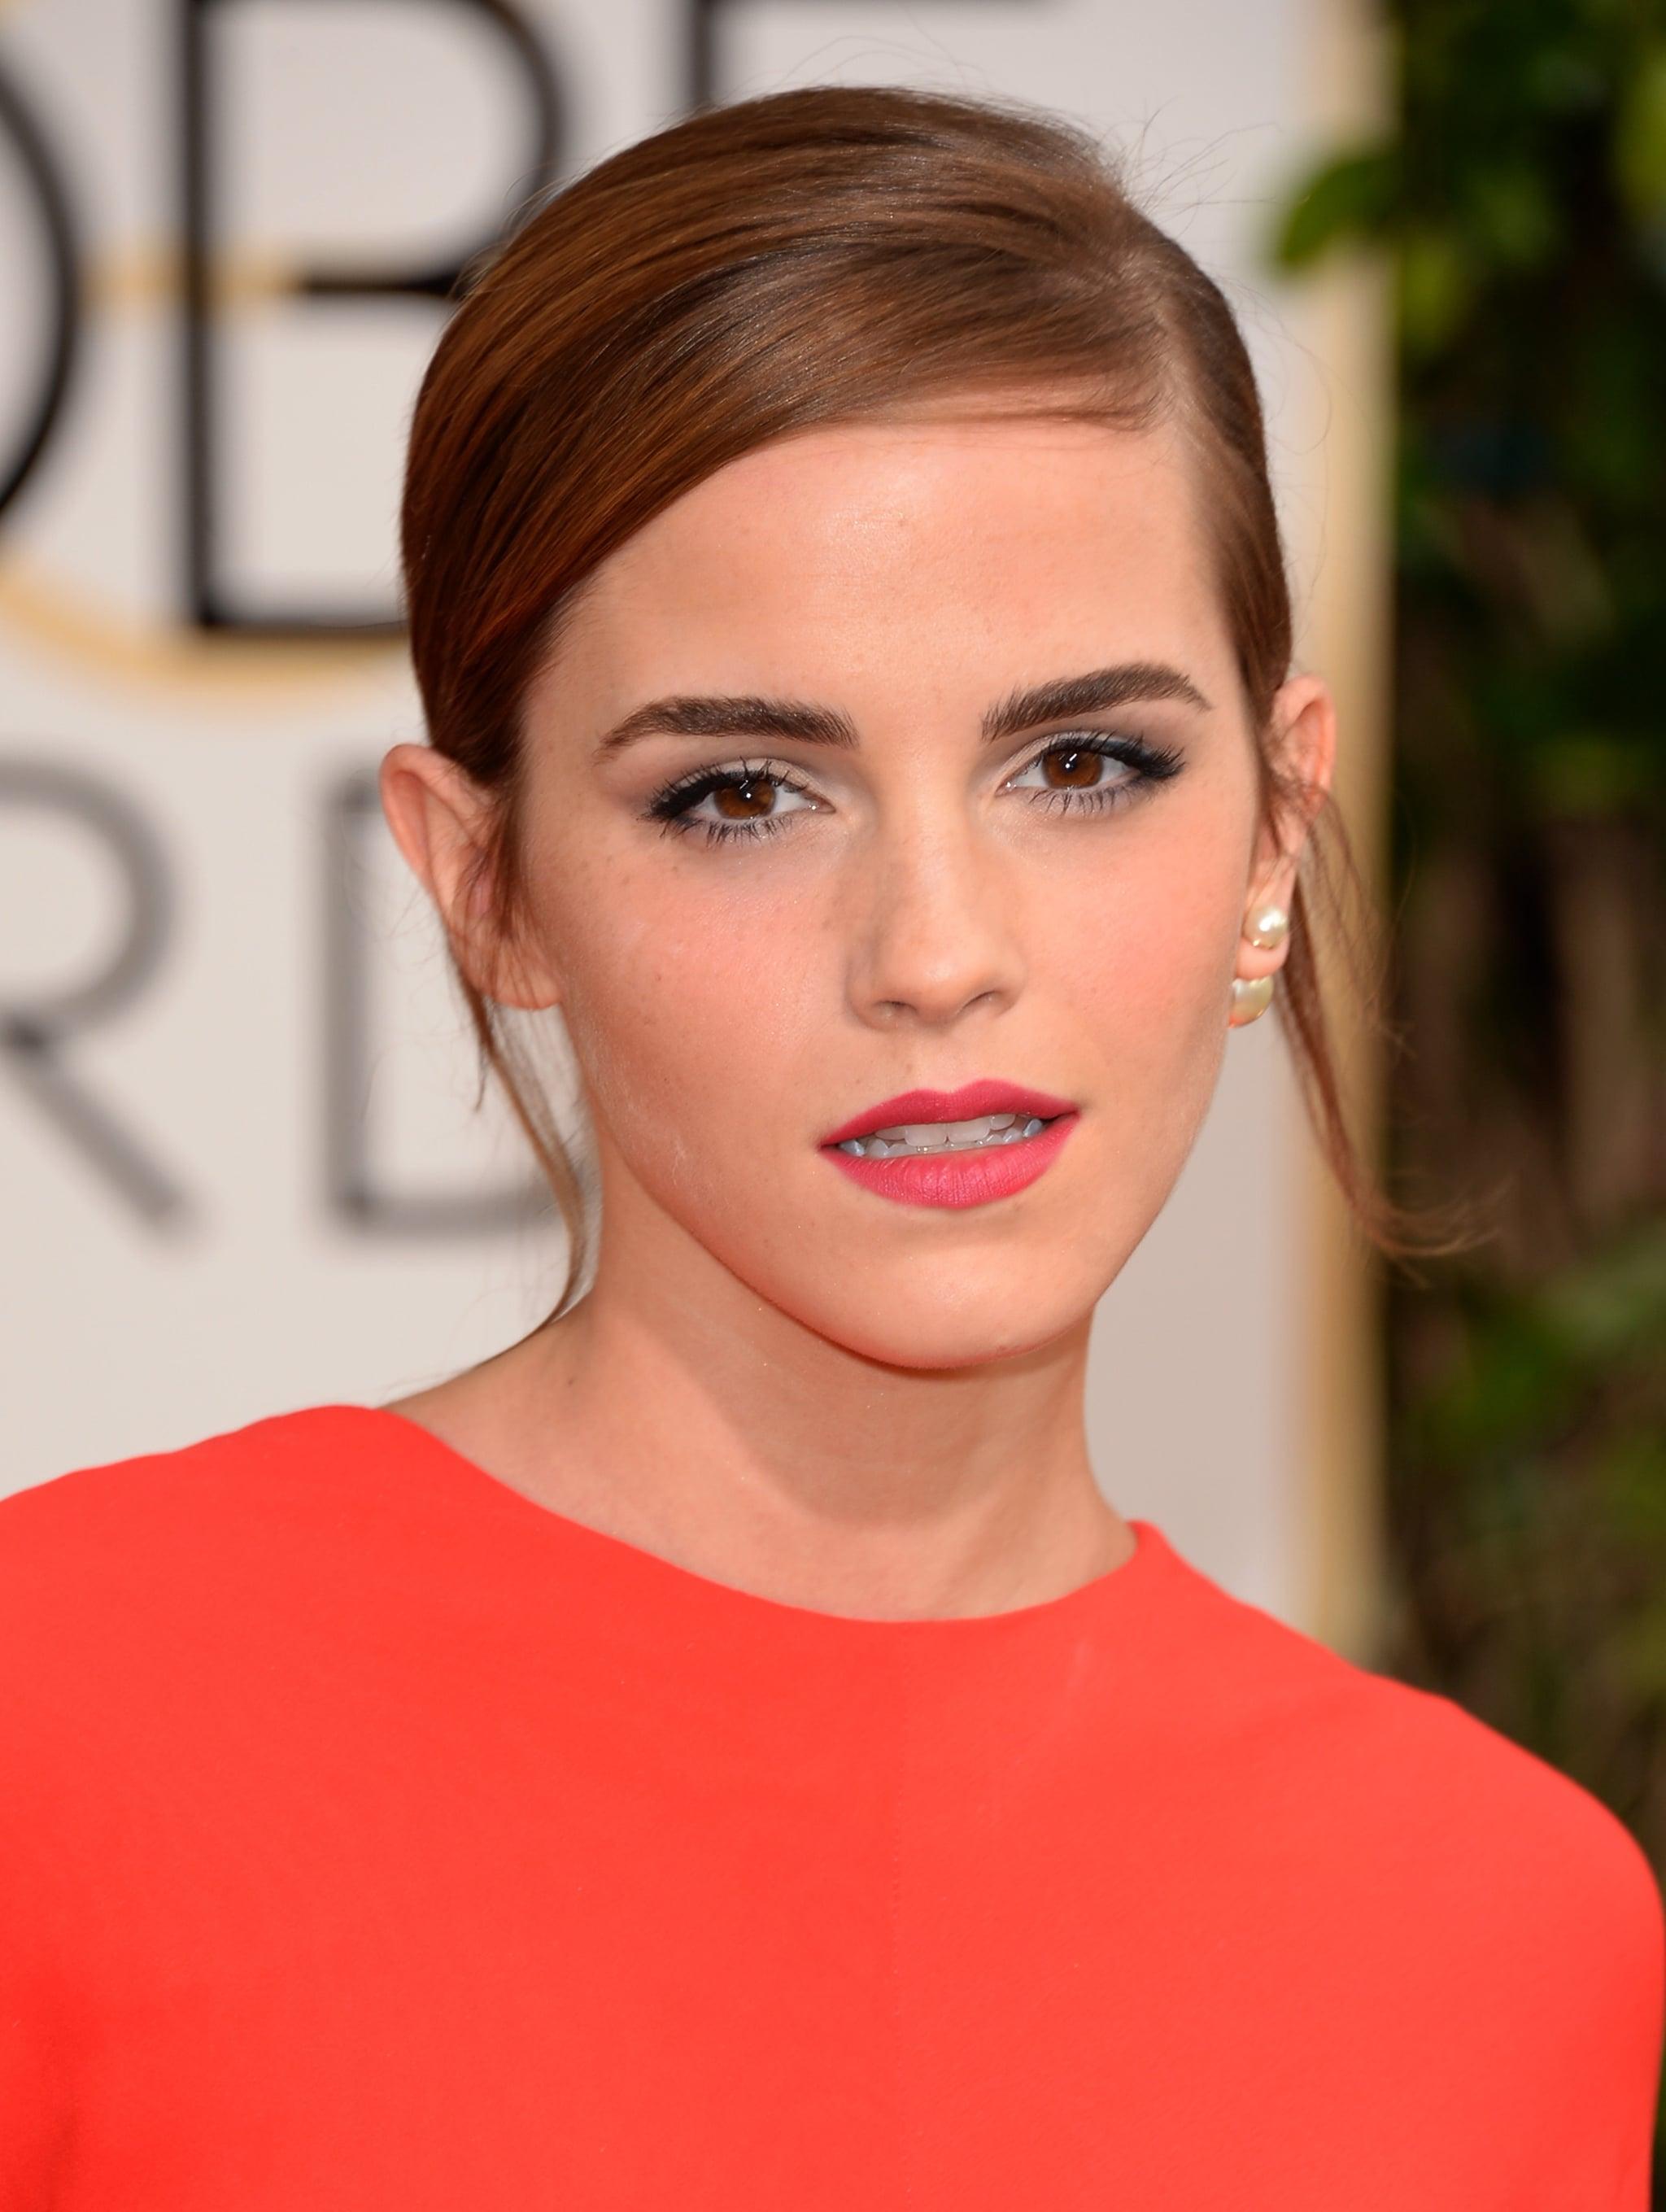 Emma Watson Hair Style by stevesalt.us